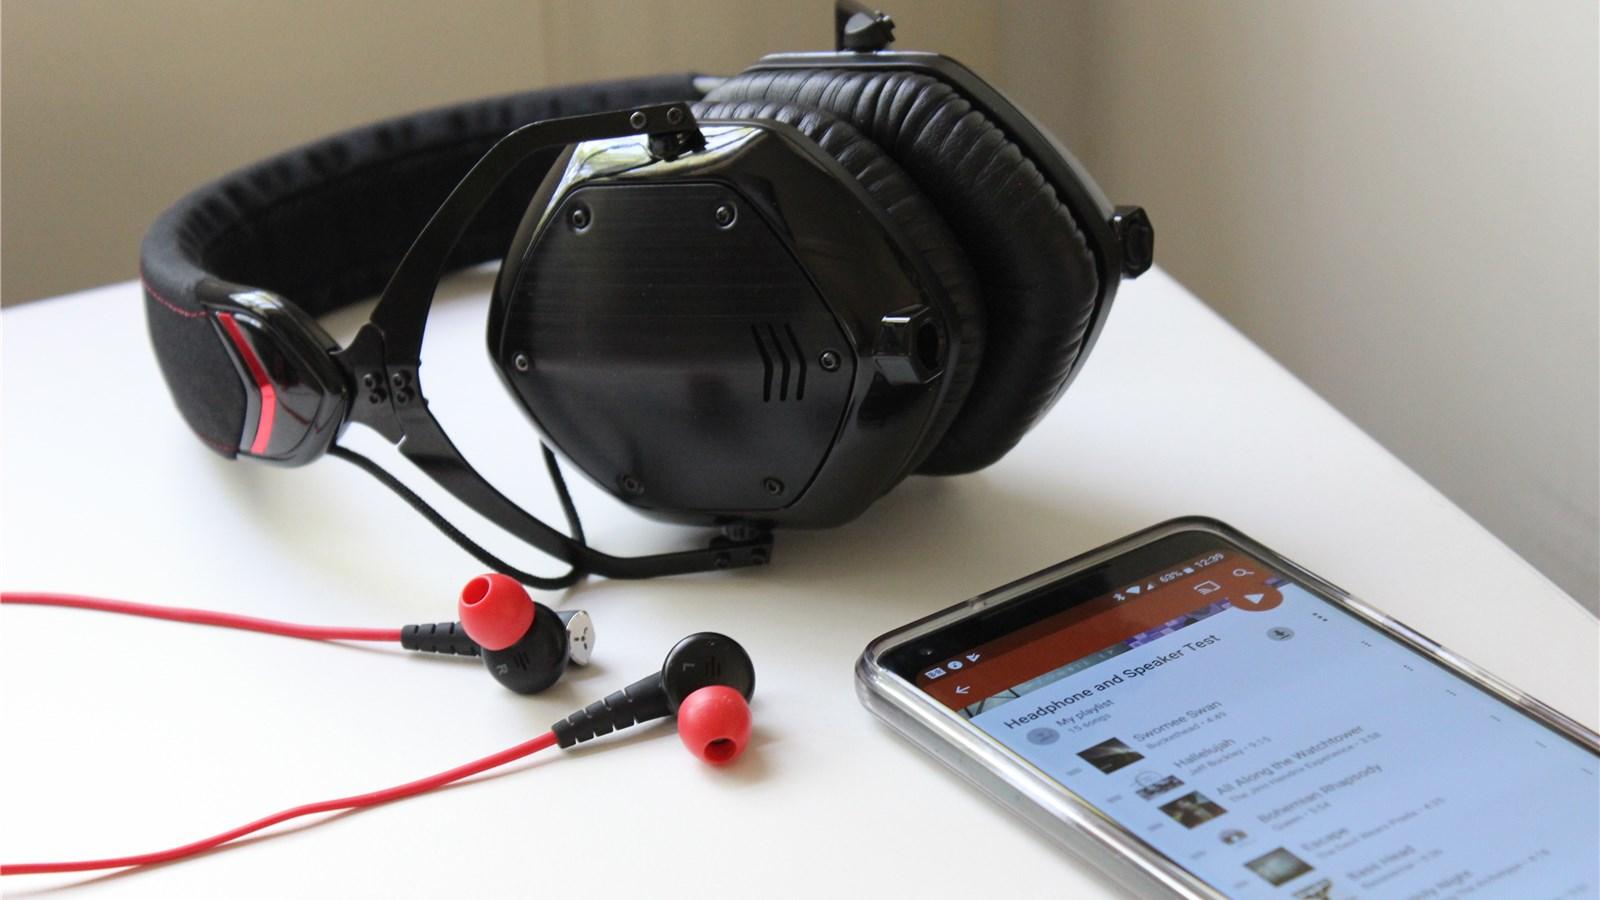 Verwenden Sie diese Playlist, um Ihre neuen Kopfhörer